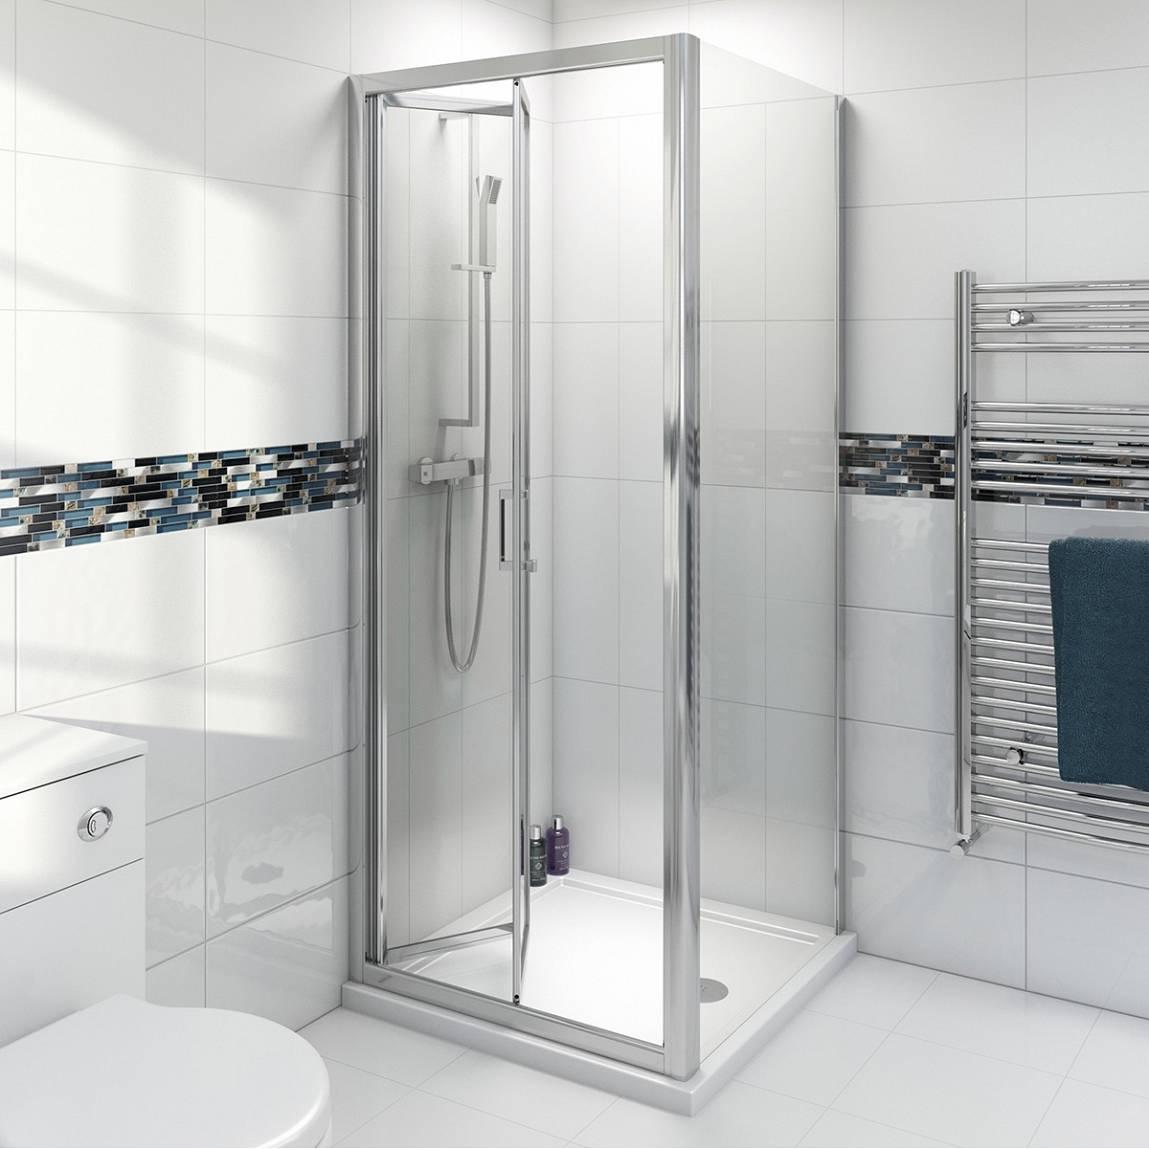 Image of V6 Bifold Enclosure 900 x 800